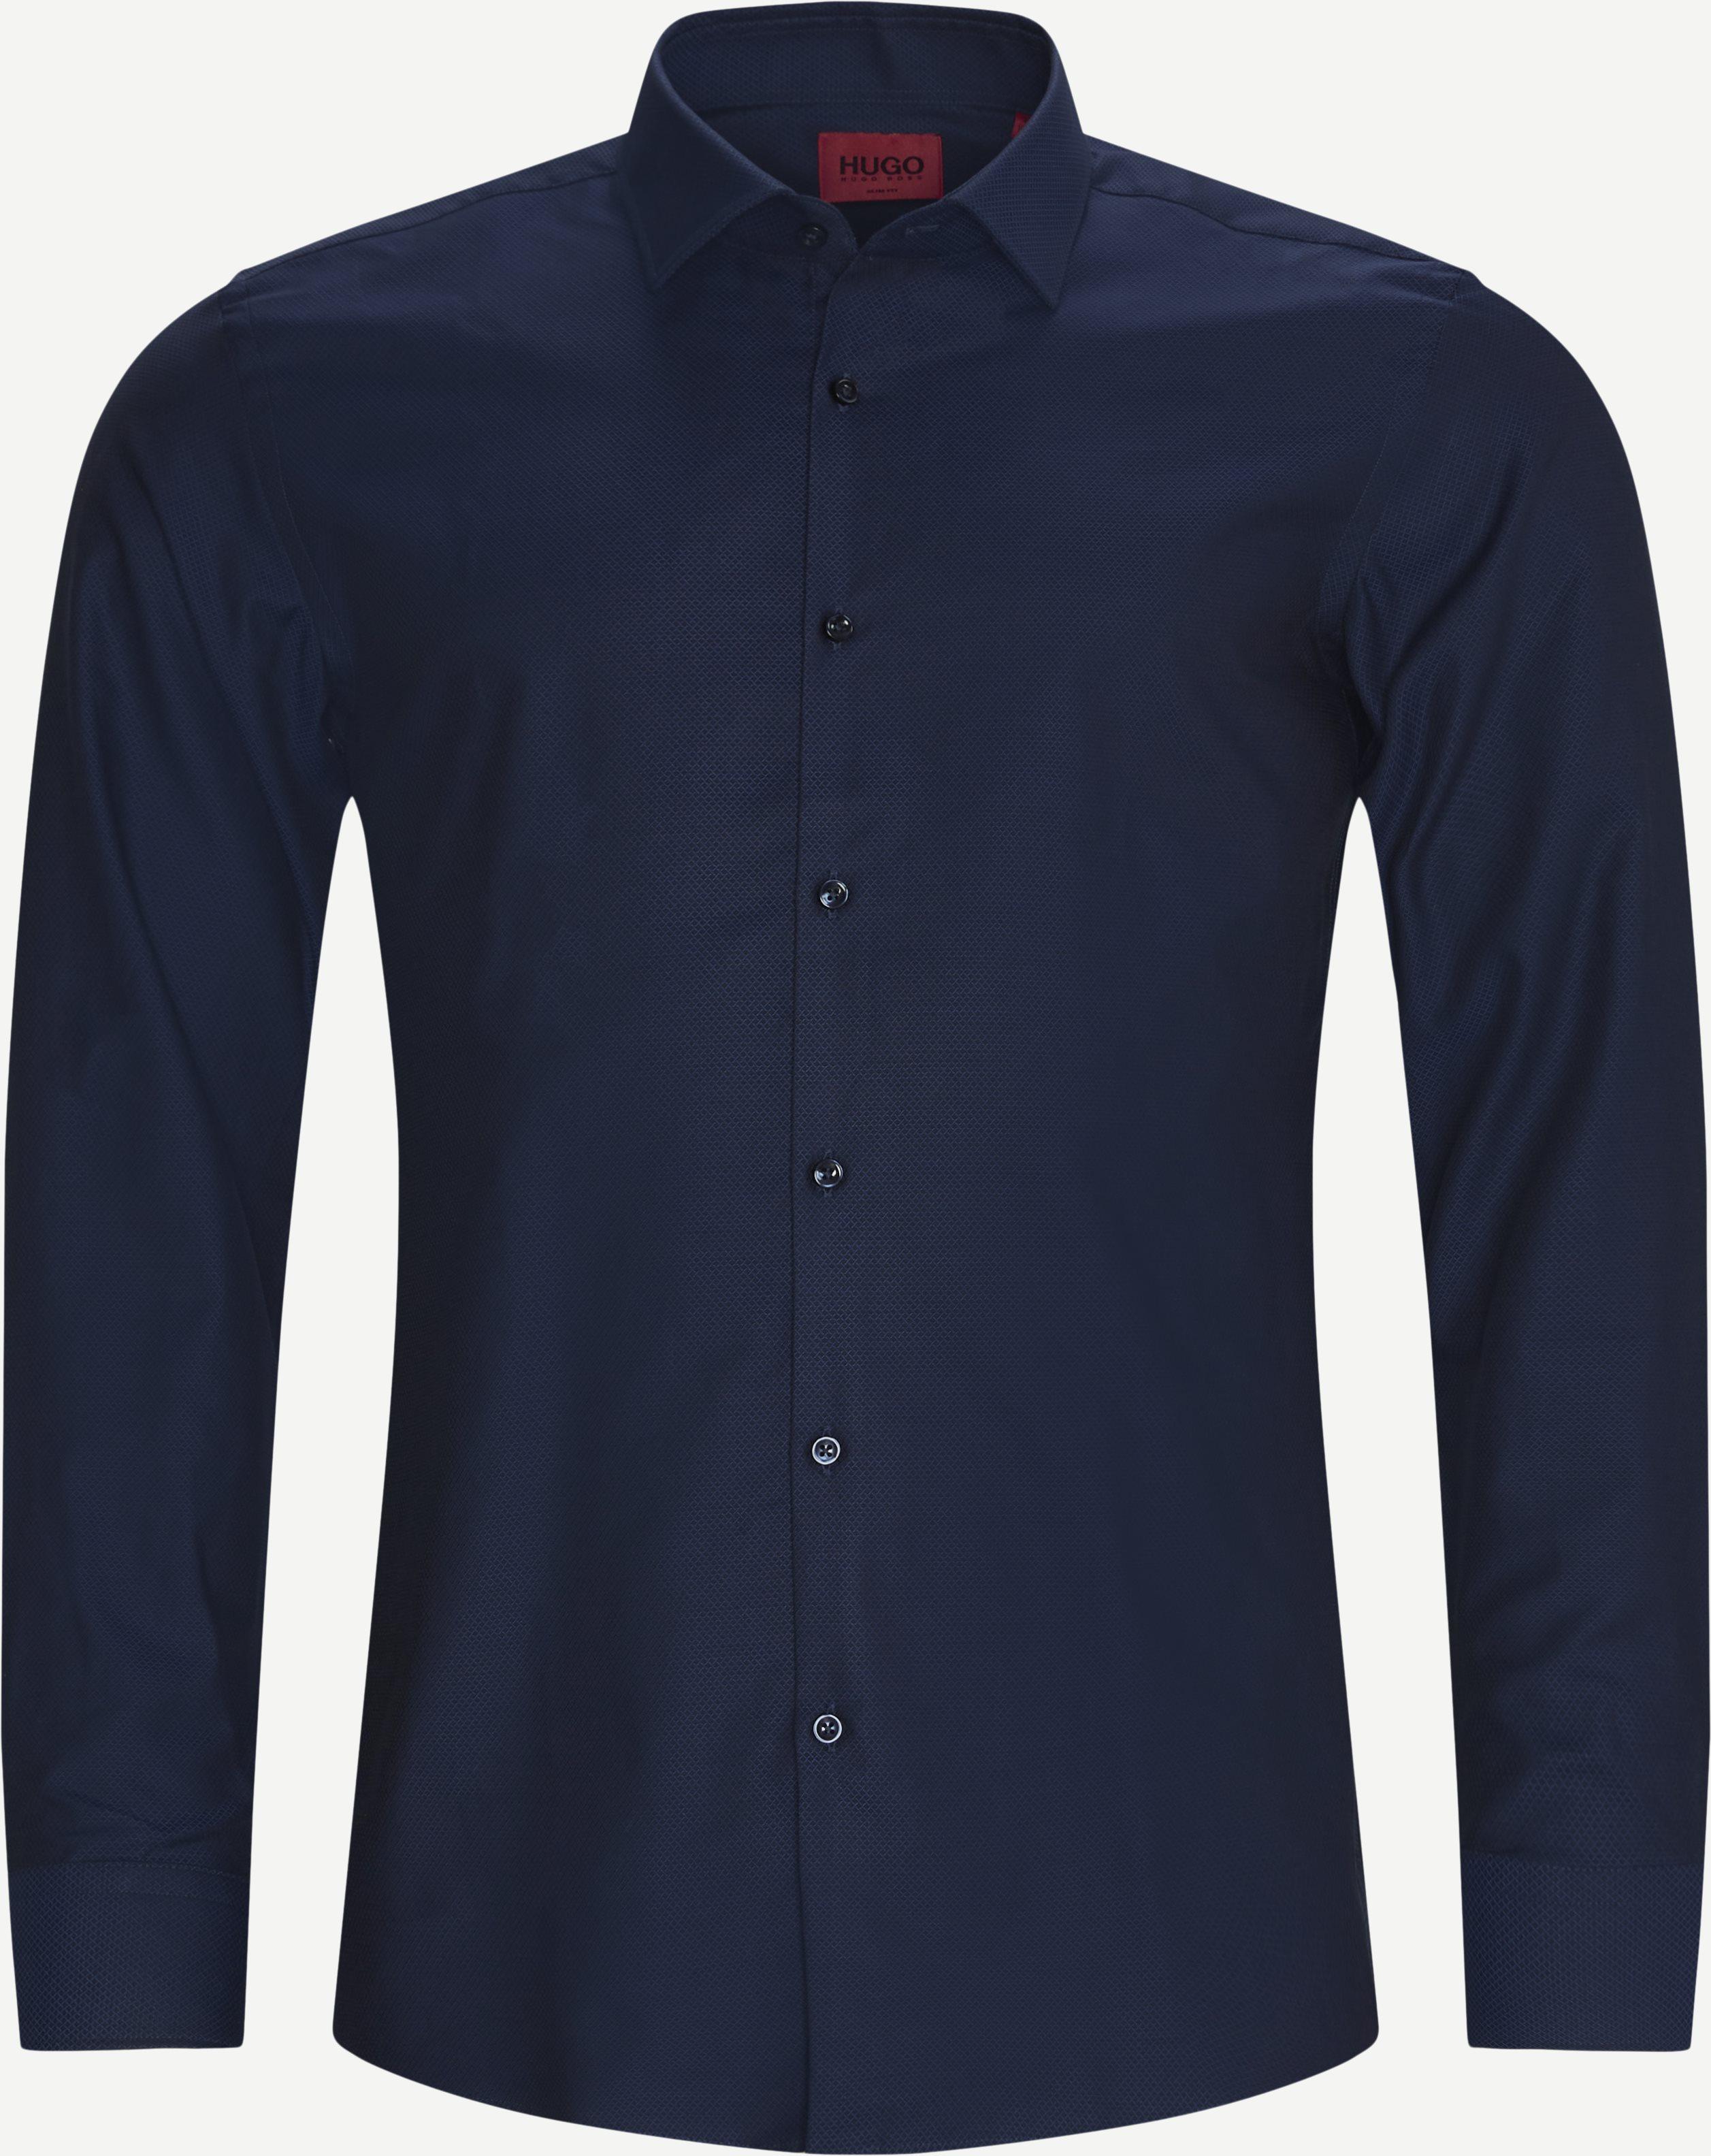 Kenno Shirt - Skjortor - Slim fit - Blå